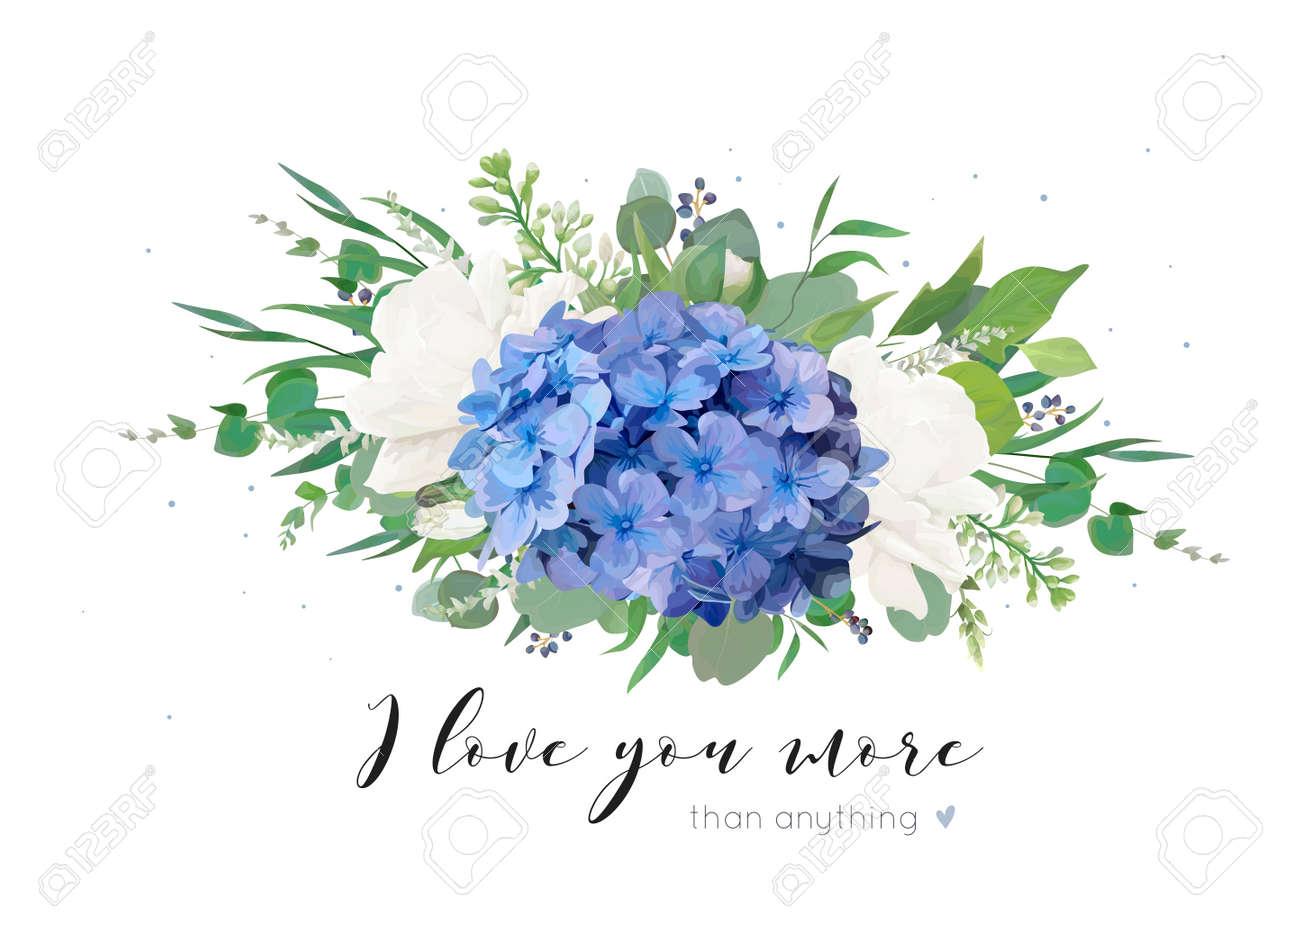 Blue Hydrangea and White Garden Rose Bouquet